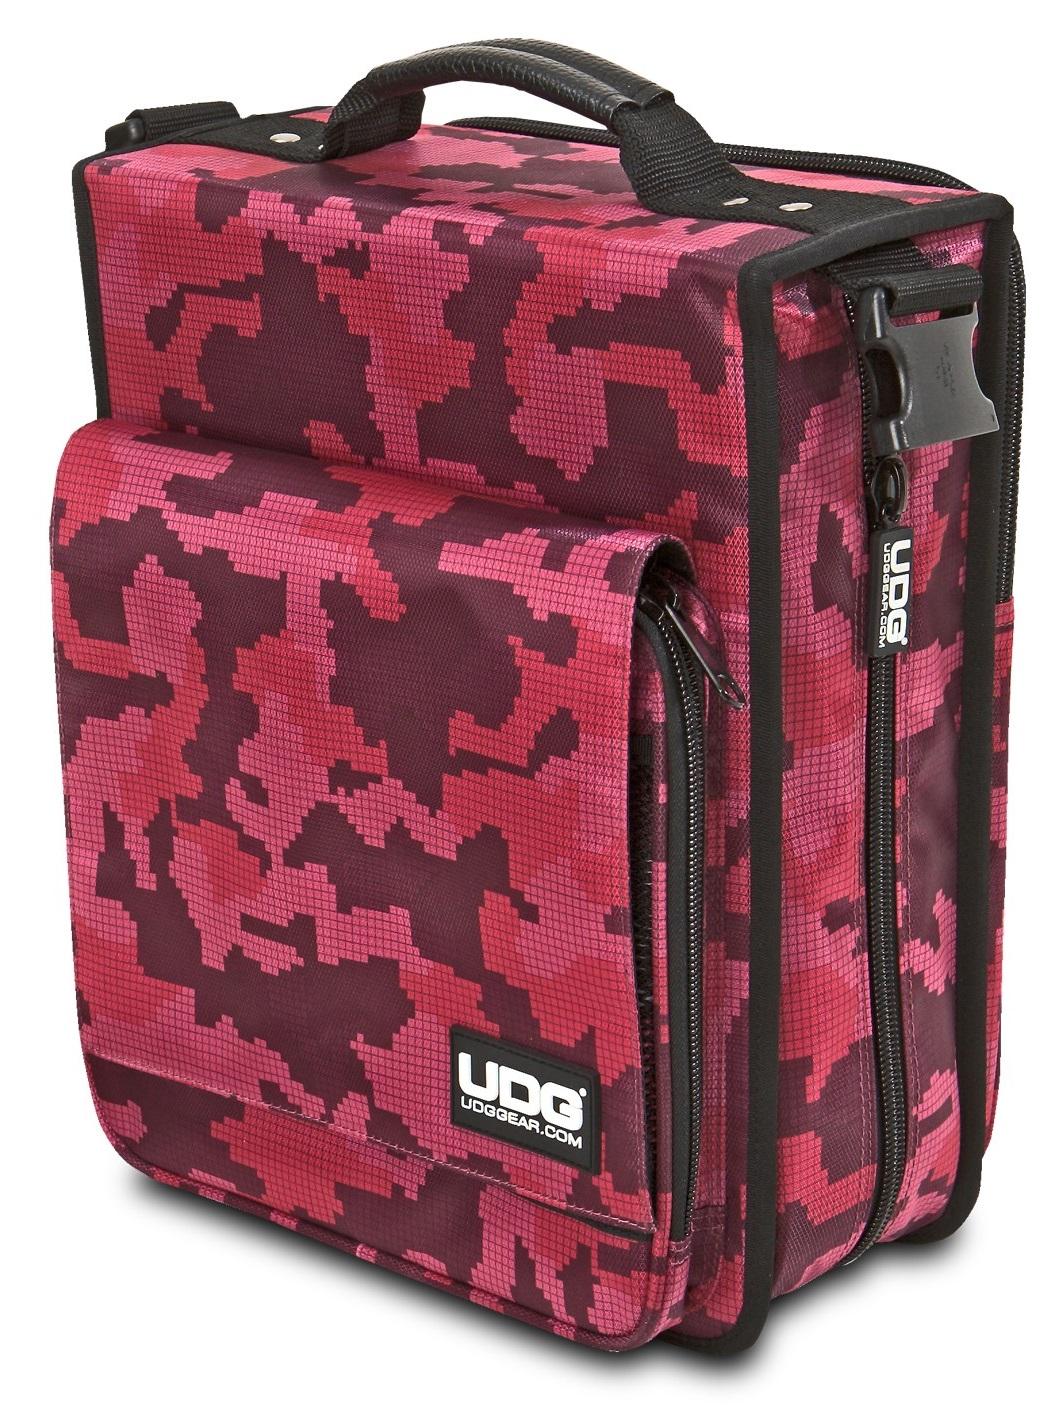 UDG Ultimate CD SlingBag 258 Digital Camo Pink